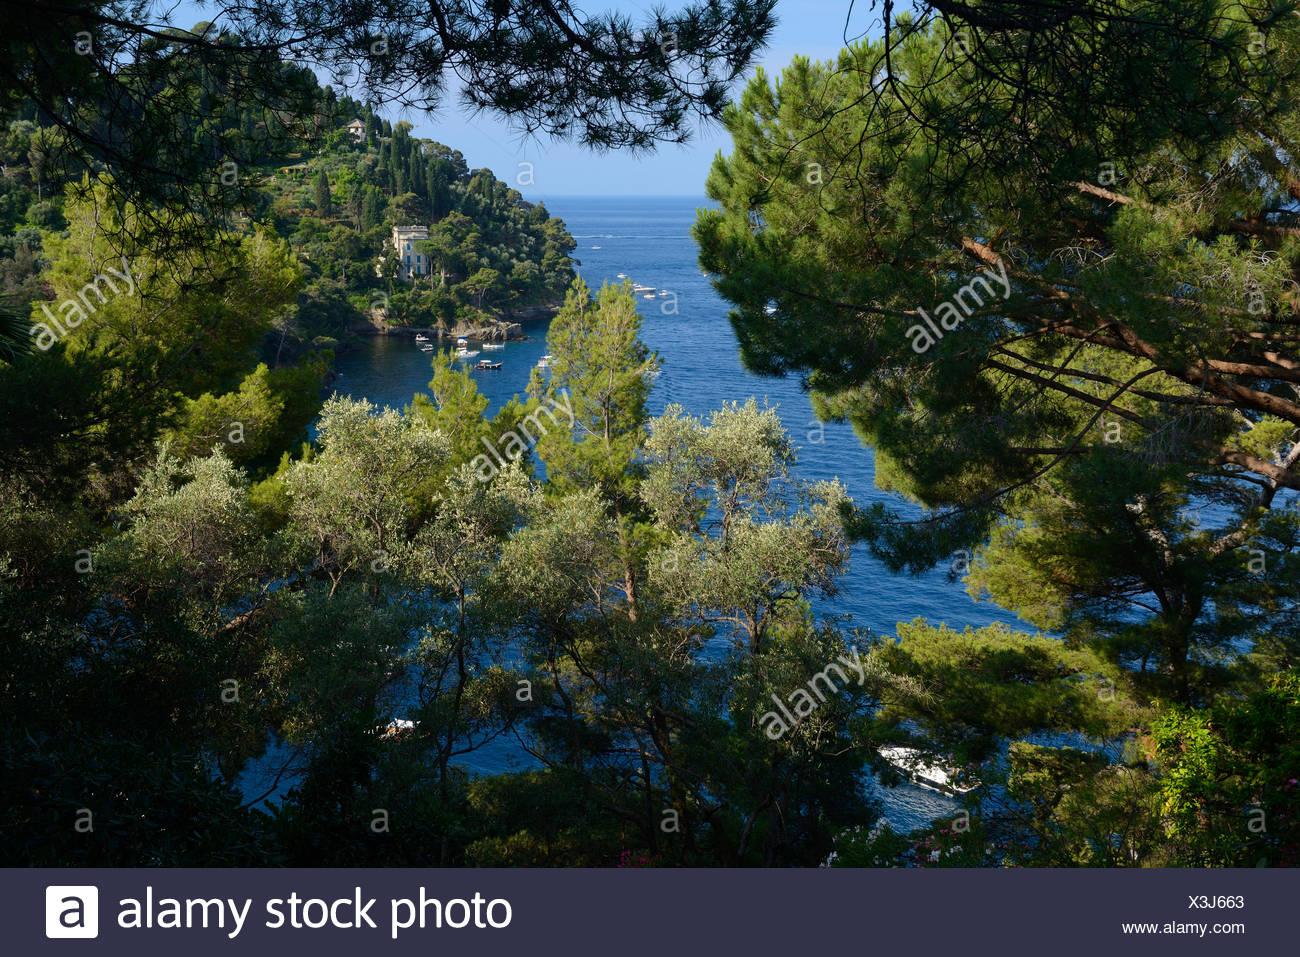 Italy, Riviera, Genoa province, Portofino, Mediterranean, tree, sea, - Stock Image